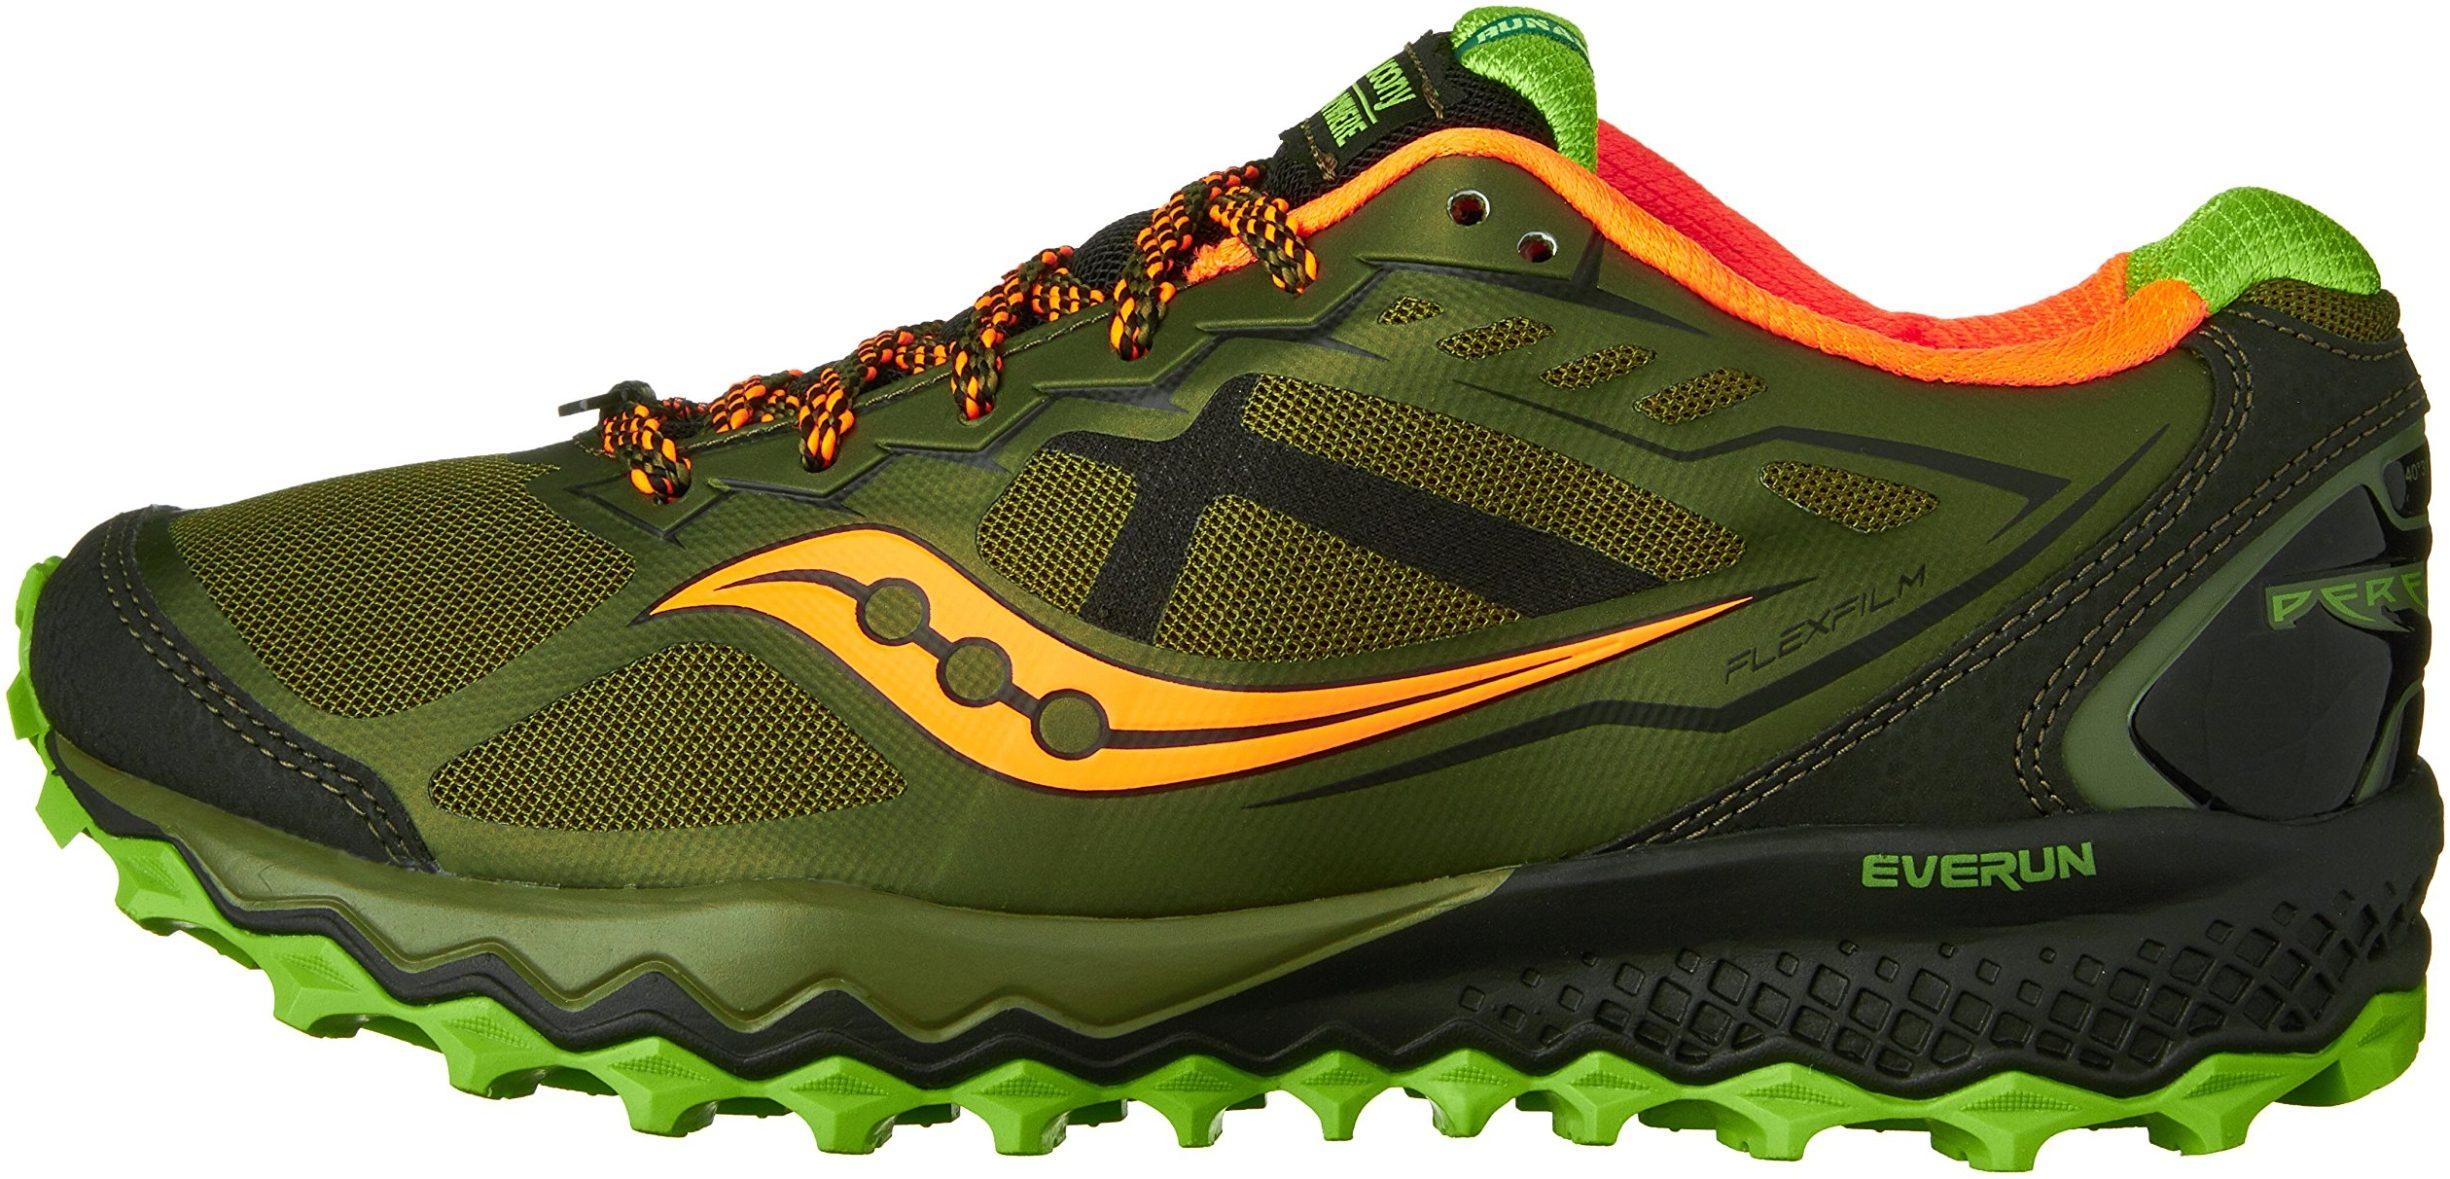 saucony trekking shoes off 62% - www